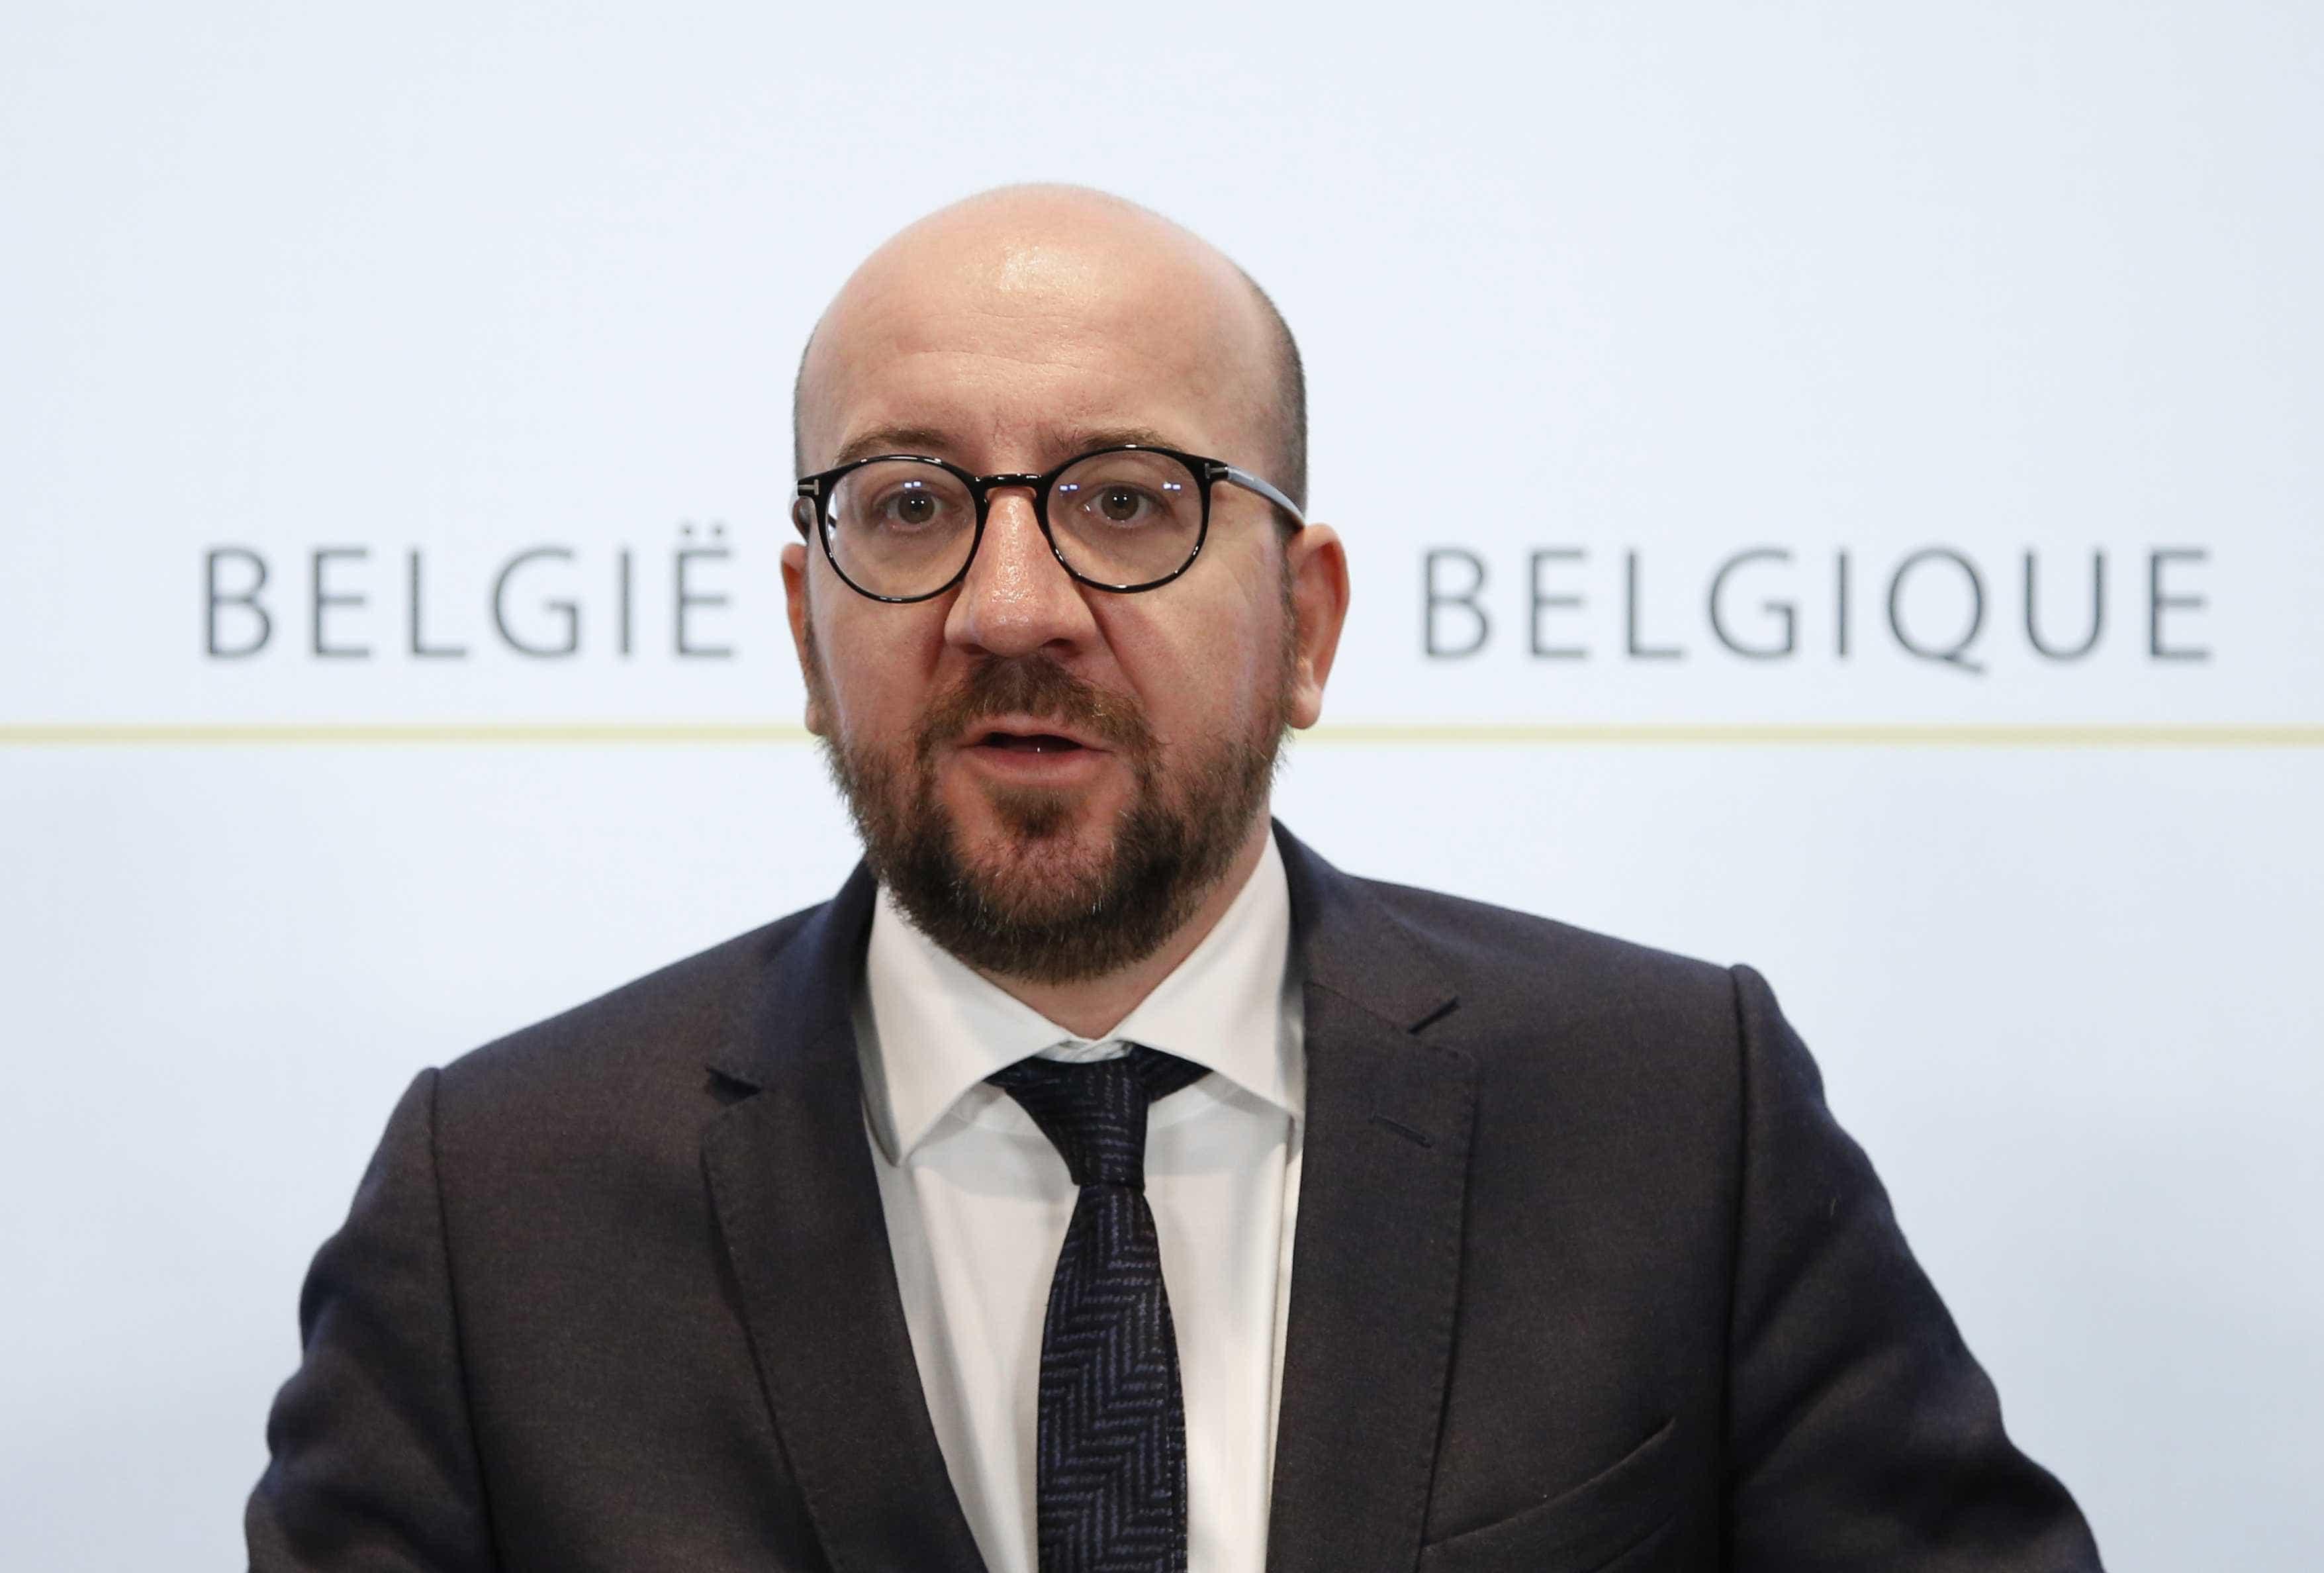 Primeiro-ministro belga anuncia demissão